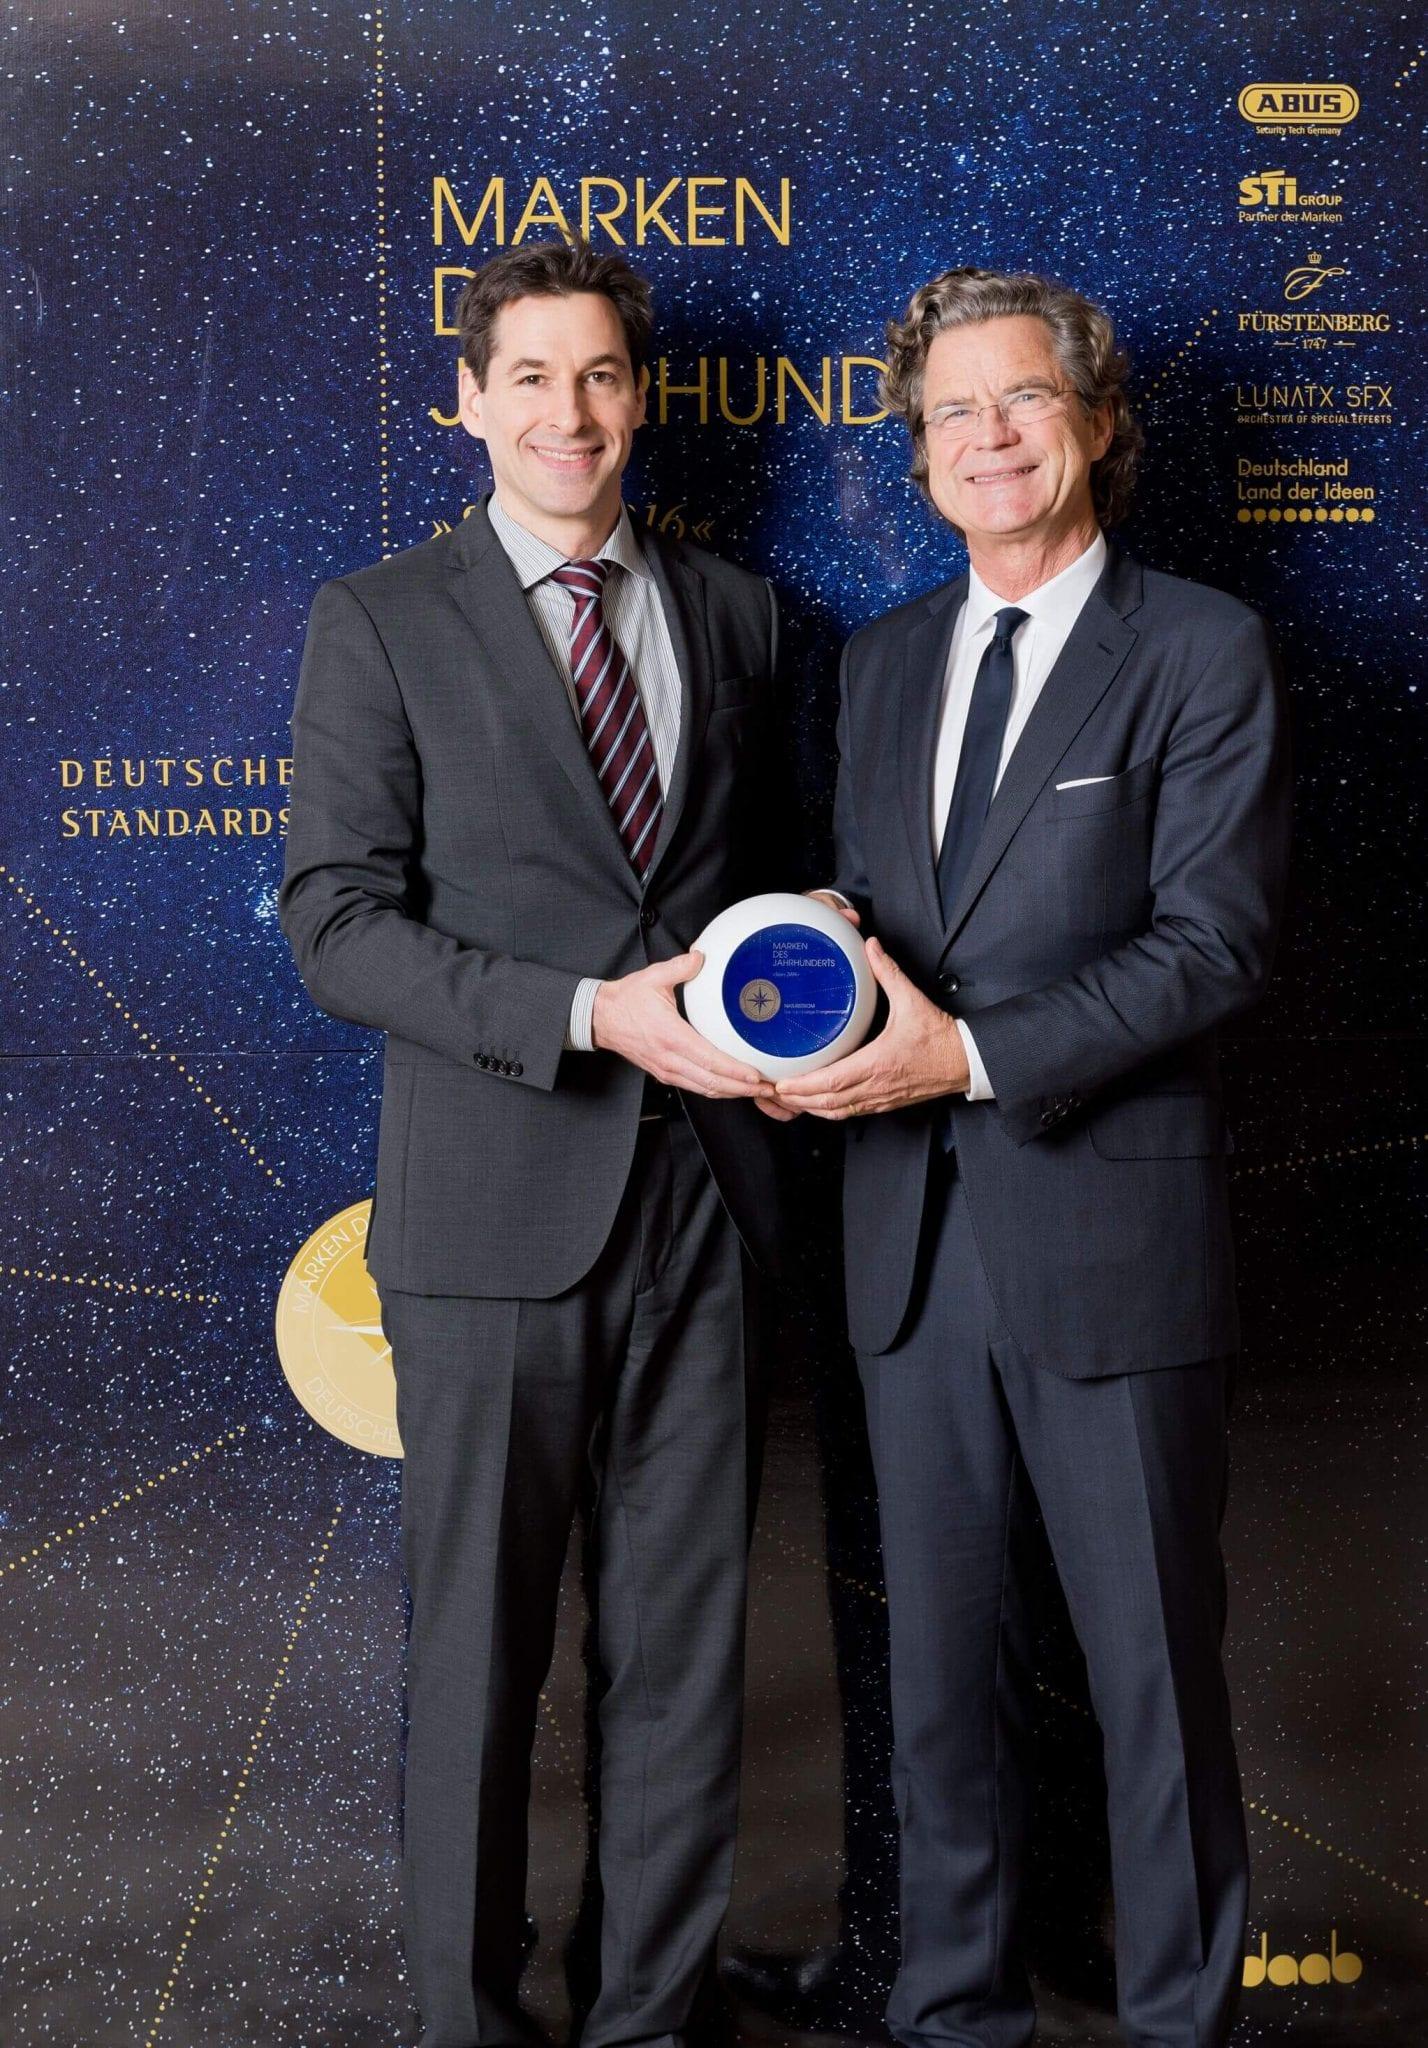 """NATURSTROM-Marketingleiter Dr. Ernst Raupach (links) nimmt den Preis für die """"Marke des Jahrhunderts"""" entgegen. © Deutsche Standards/pjk-atelier"""